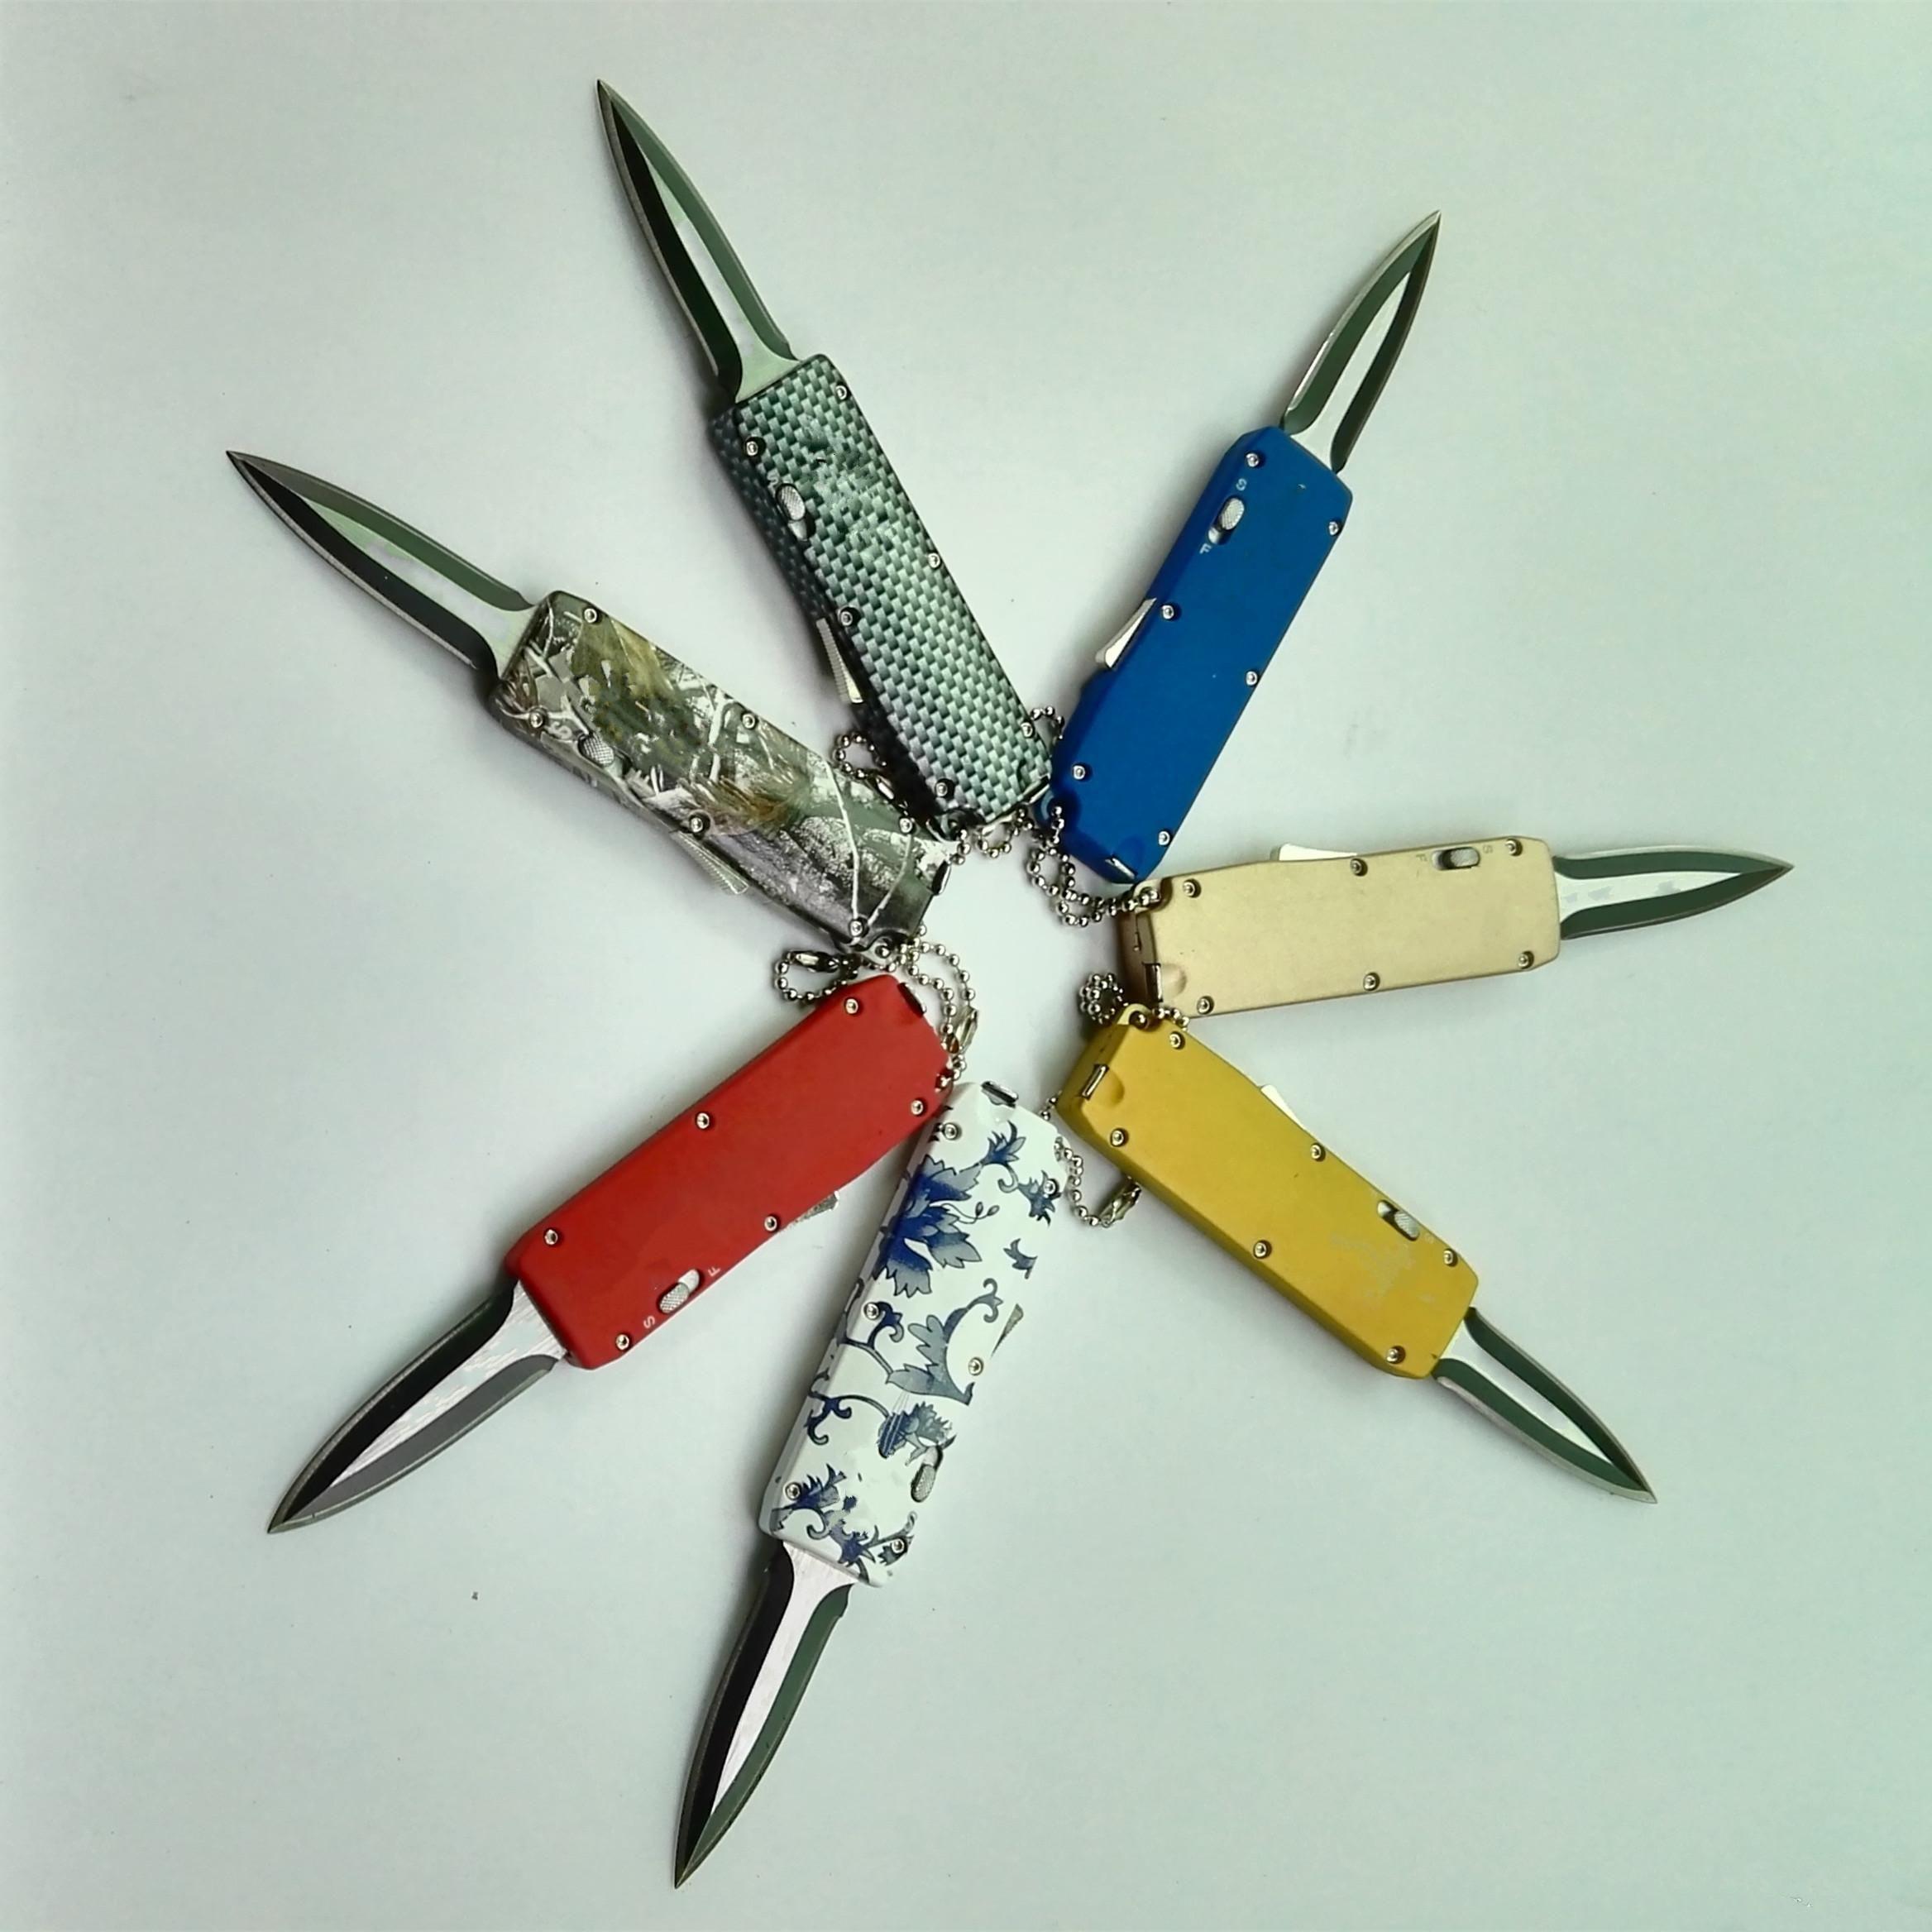 MINI Mini Pull mangual facas única ação chaveiro do presente do cetim bolso faca de natal para o homem 1pcs Adco